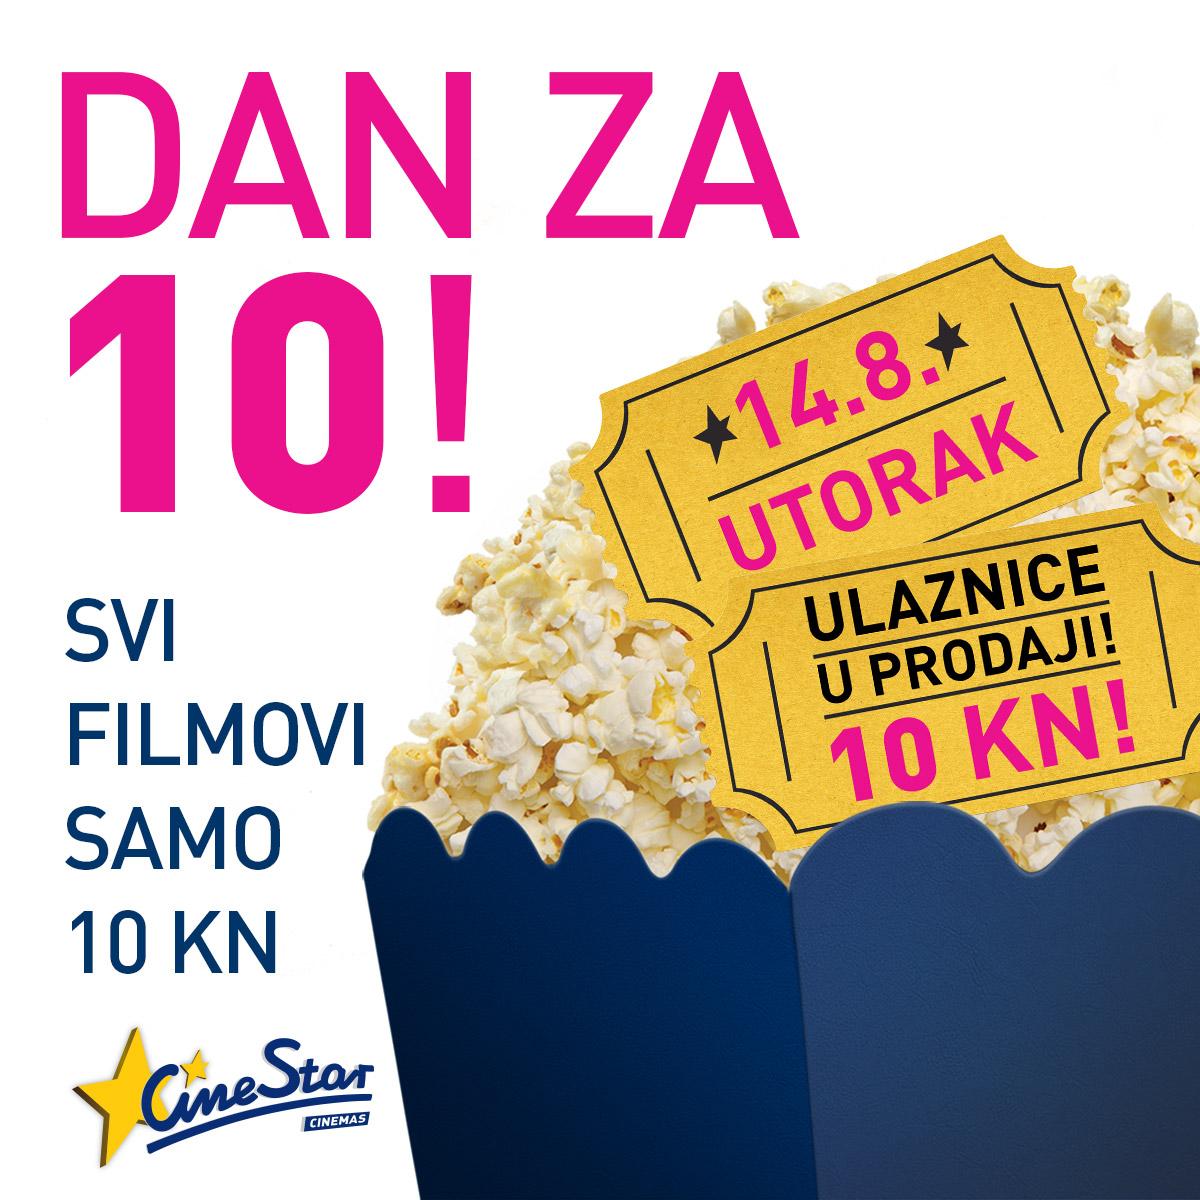 1200x1200_dan_za_10_HR